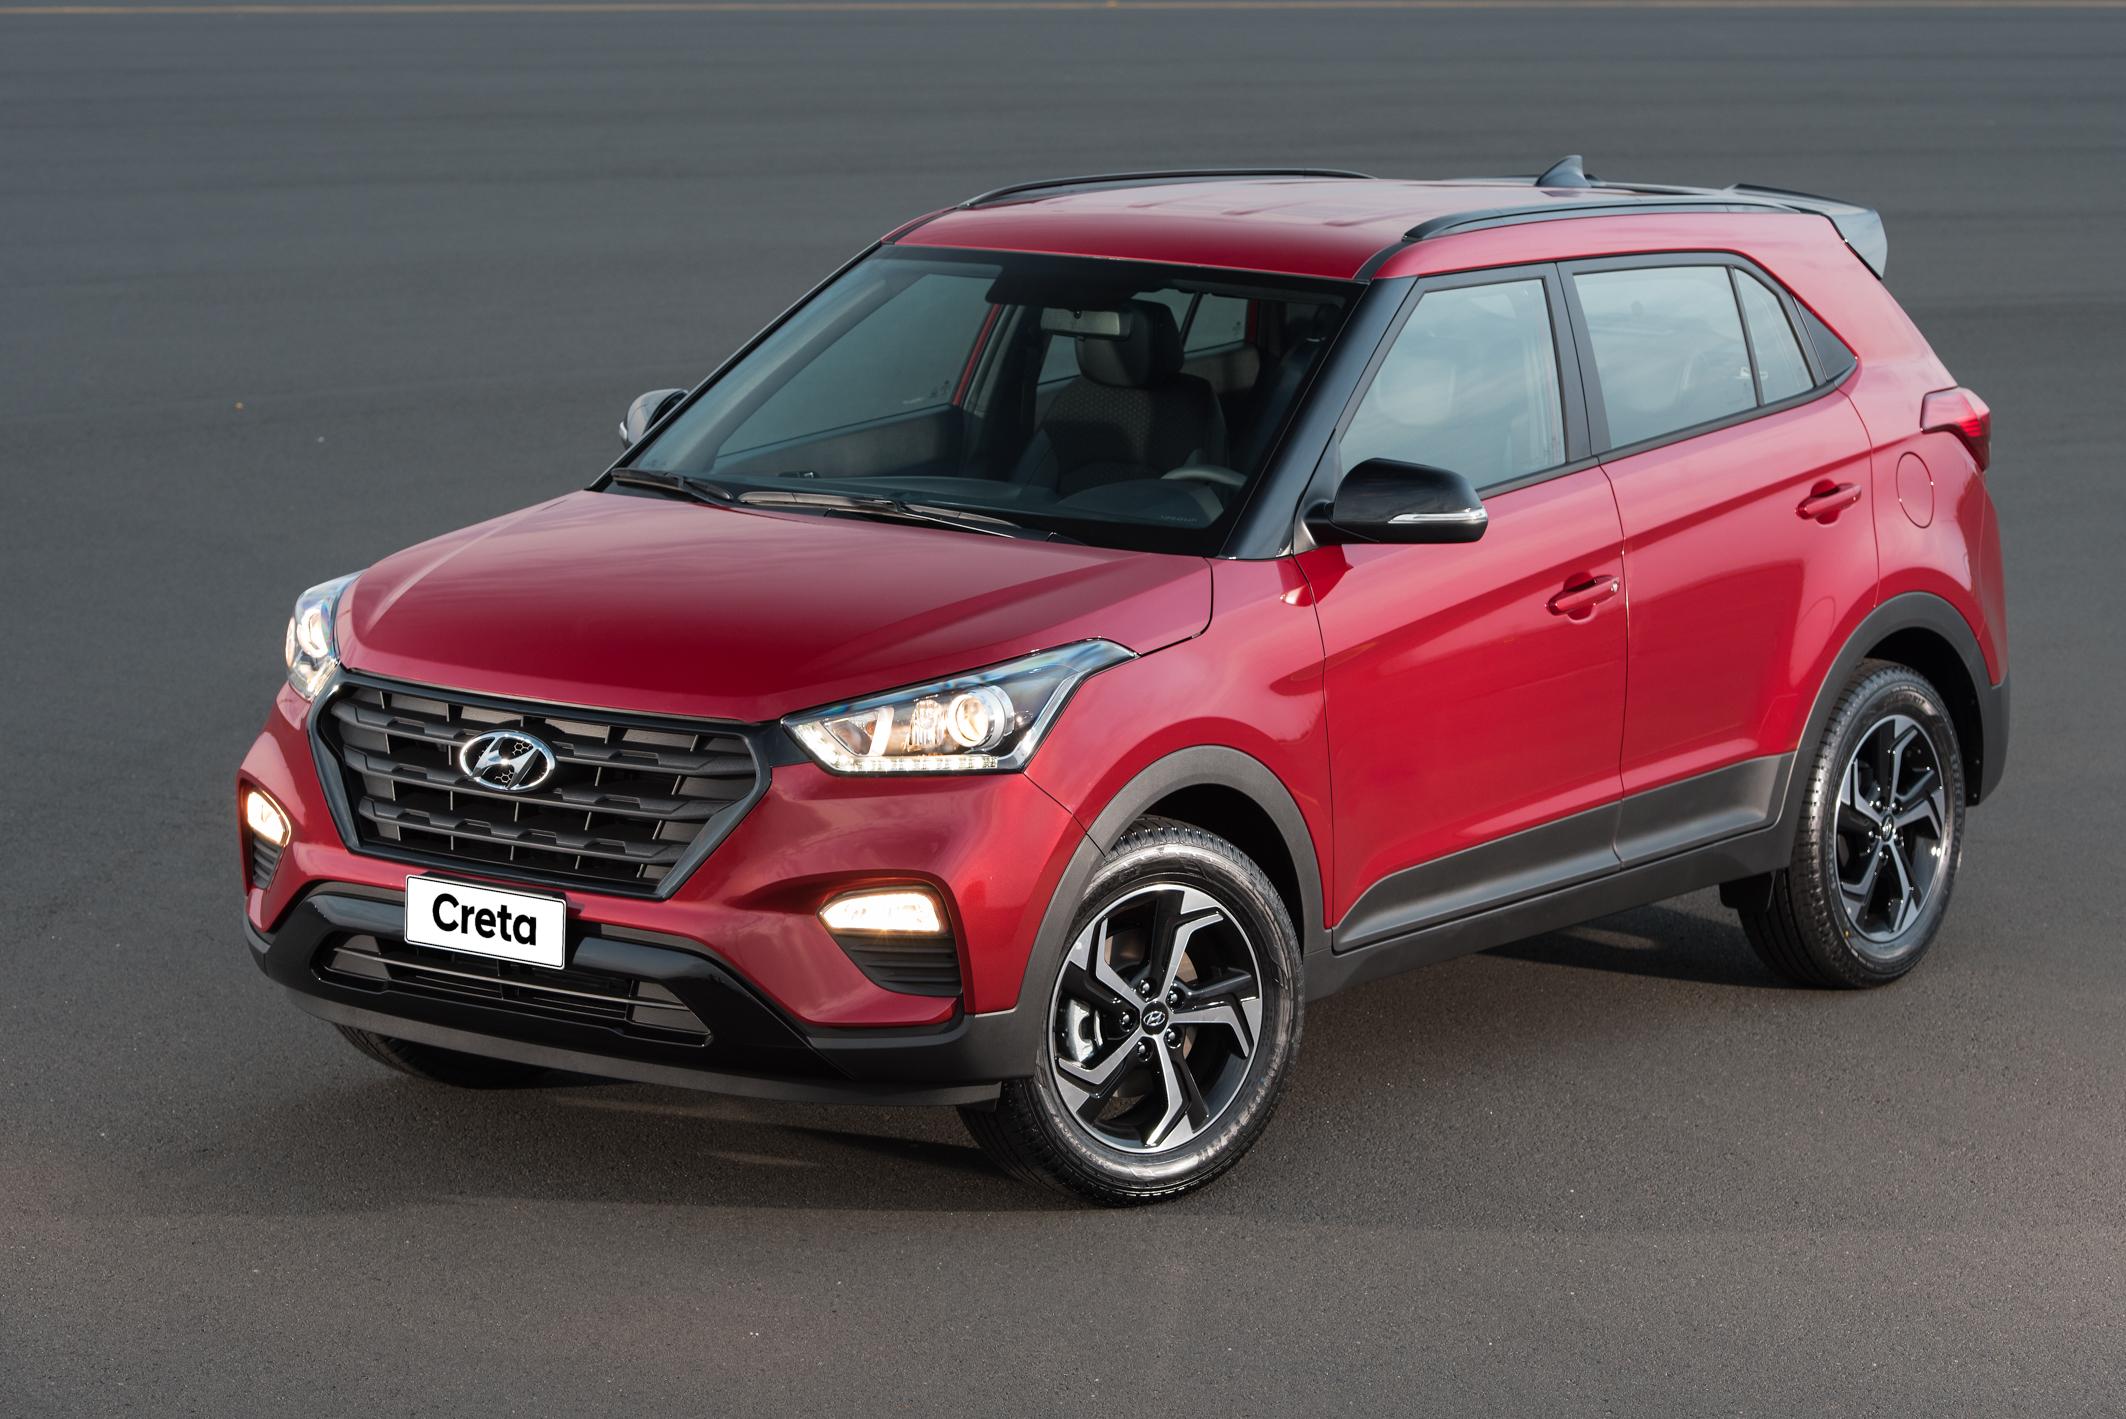 Entre as versões do Hyundai Creta, a Sport se destaca pelo visual incrementado e o motor 2.0